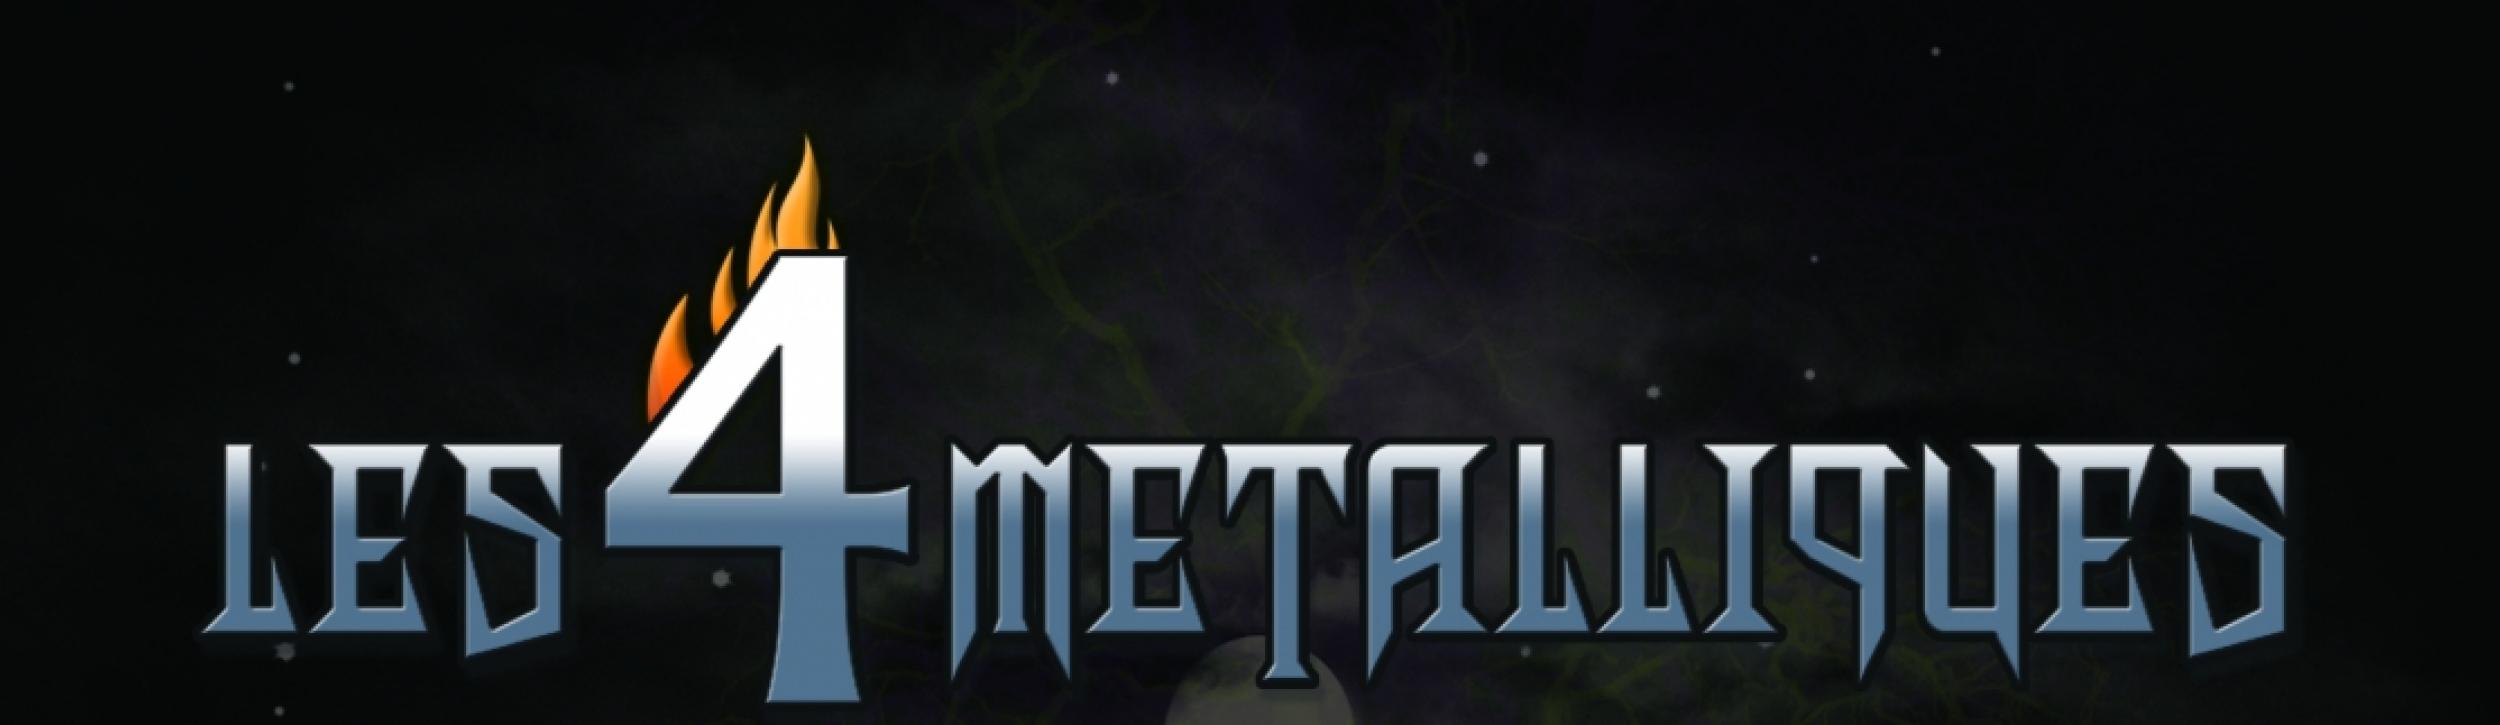 Les 4 Metalliques